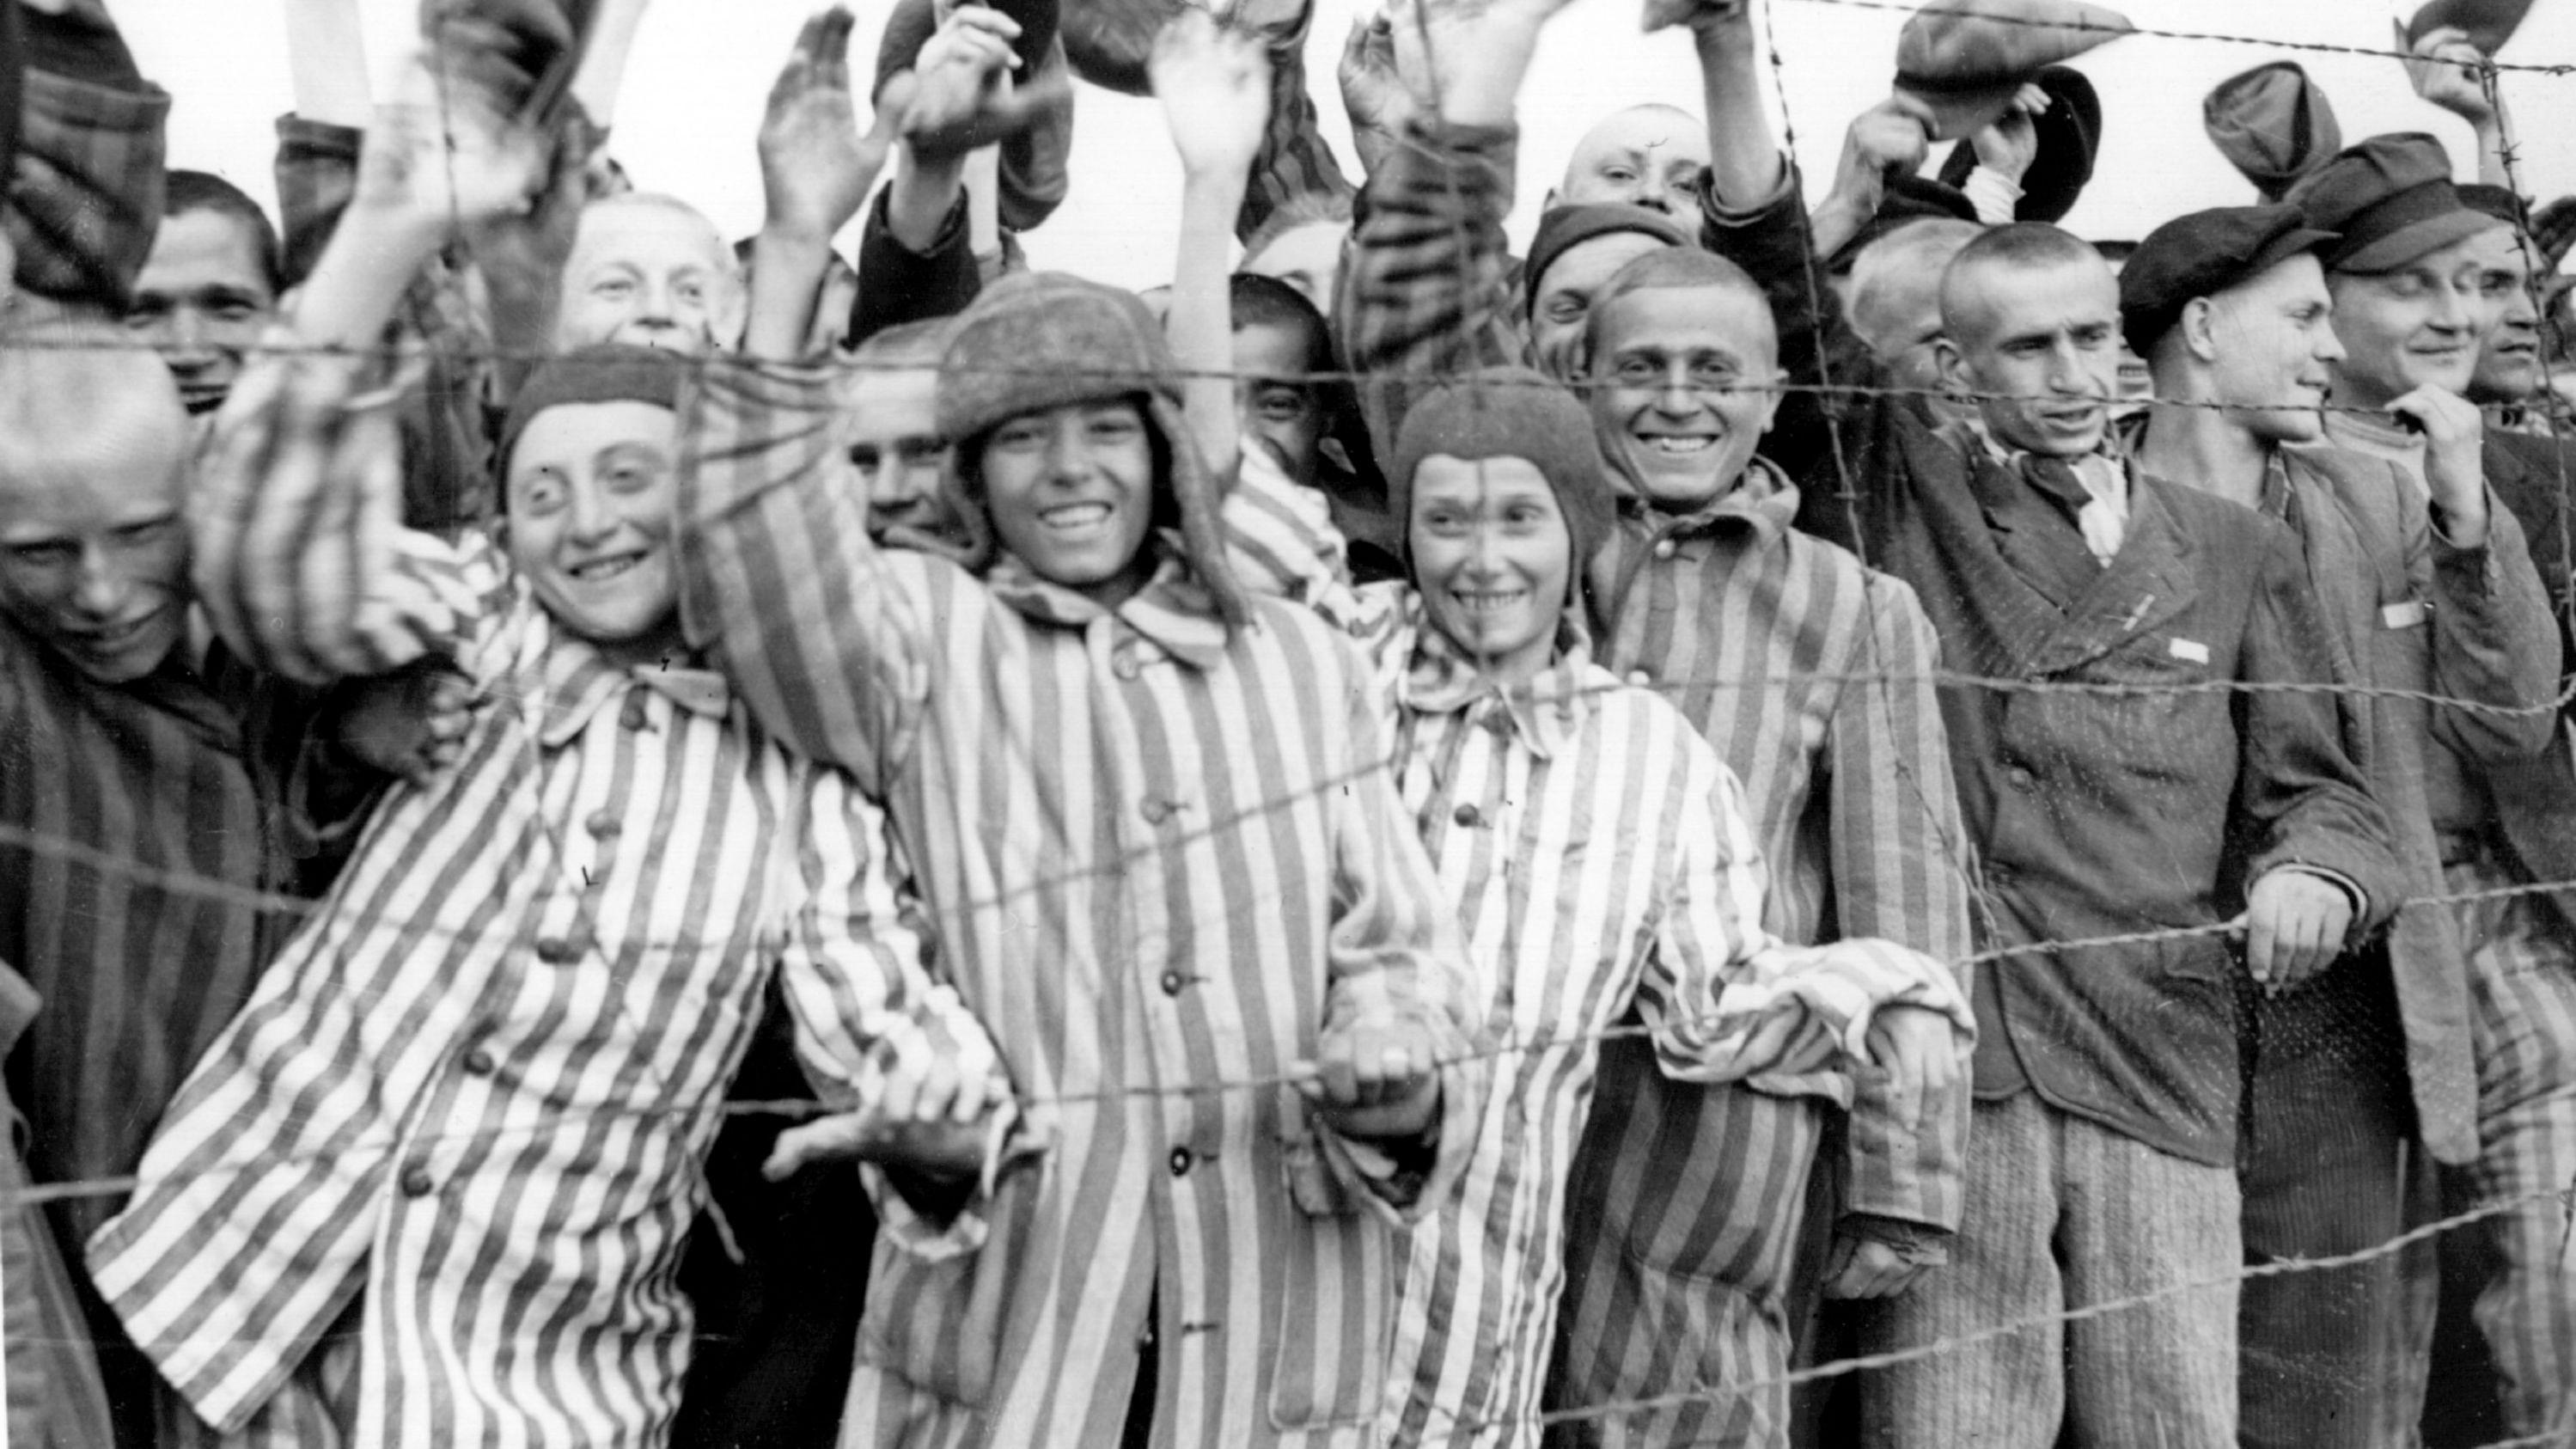 Historische Aufnahme einer Gruppe von KZ-Häftlingen hinter Stacheldraht, die nach der Befreiung des Lagers winken